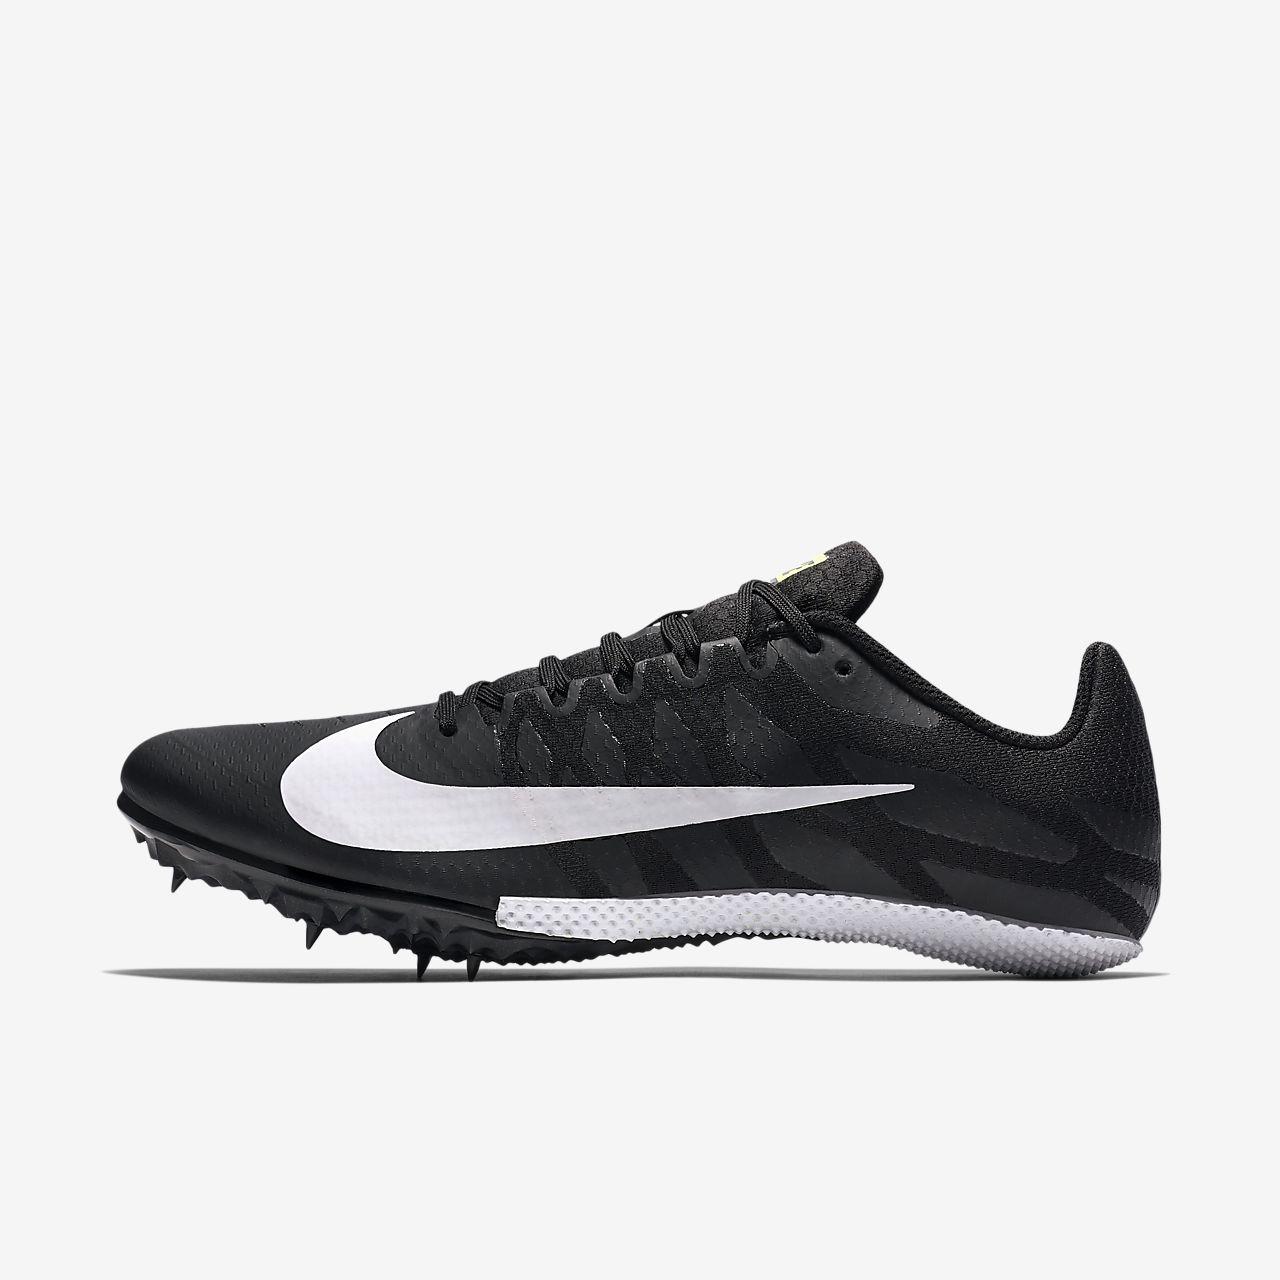 Zapatillas Zoom Nike 9 Con Clavos Rival S Unisex Y7b6gyvf